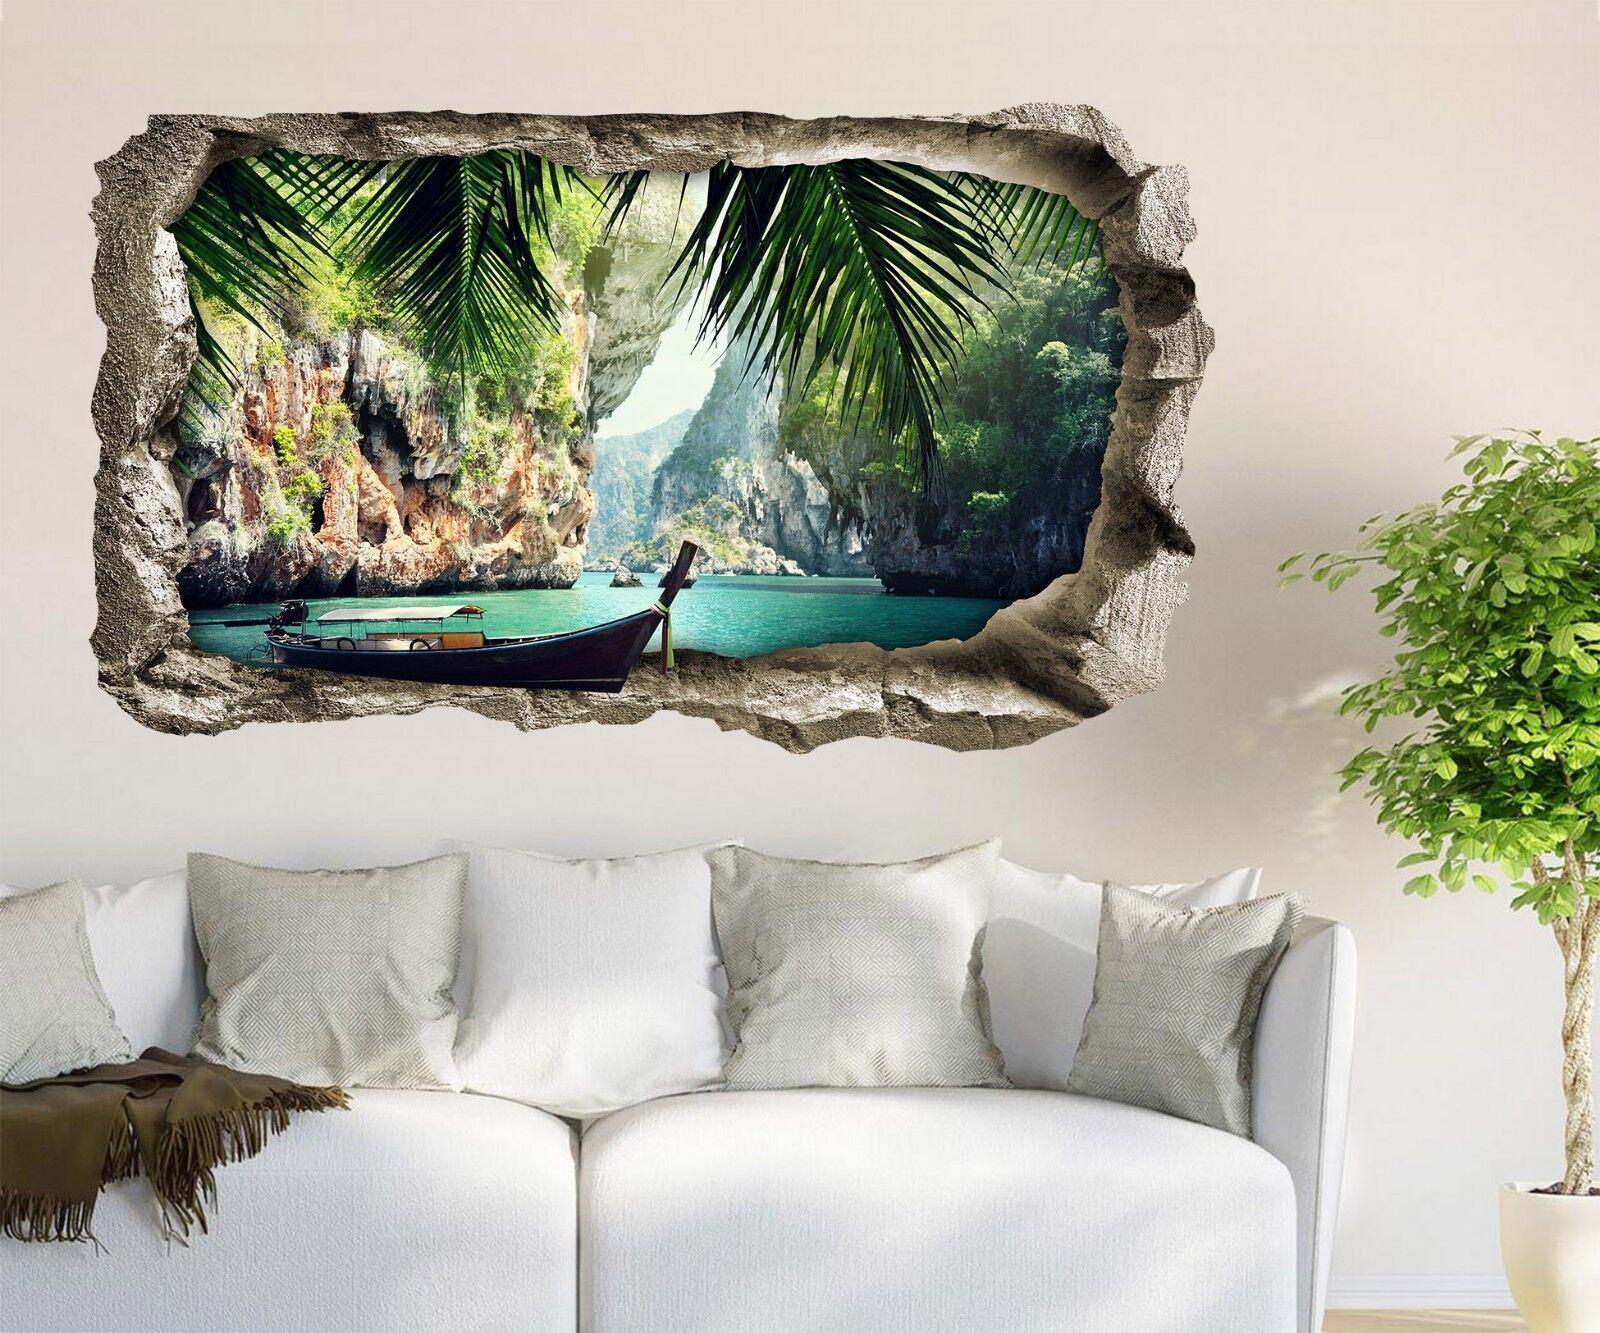 3D Meeresbucht 122 Mauer Murals Mauer Aufklebe Decal Durchbruch AJ WALLPAPER DE